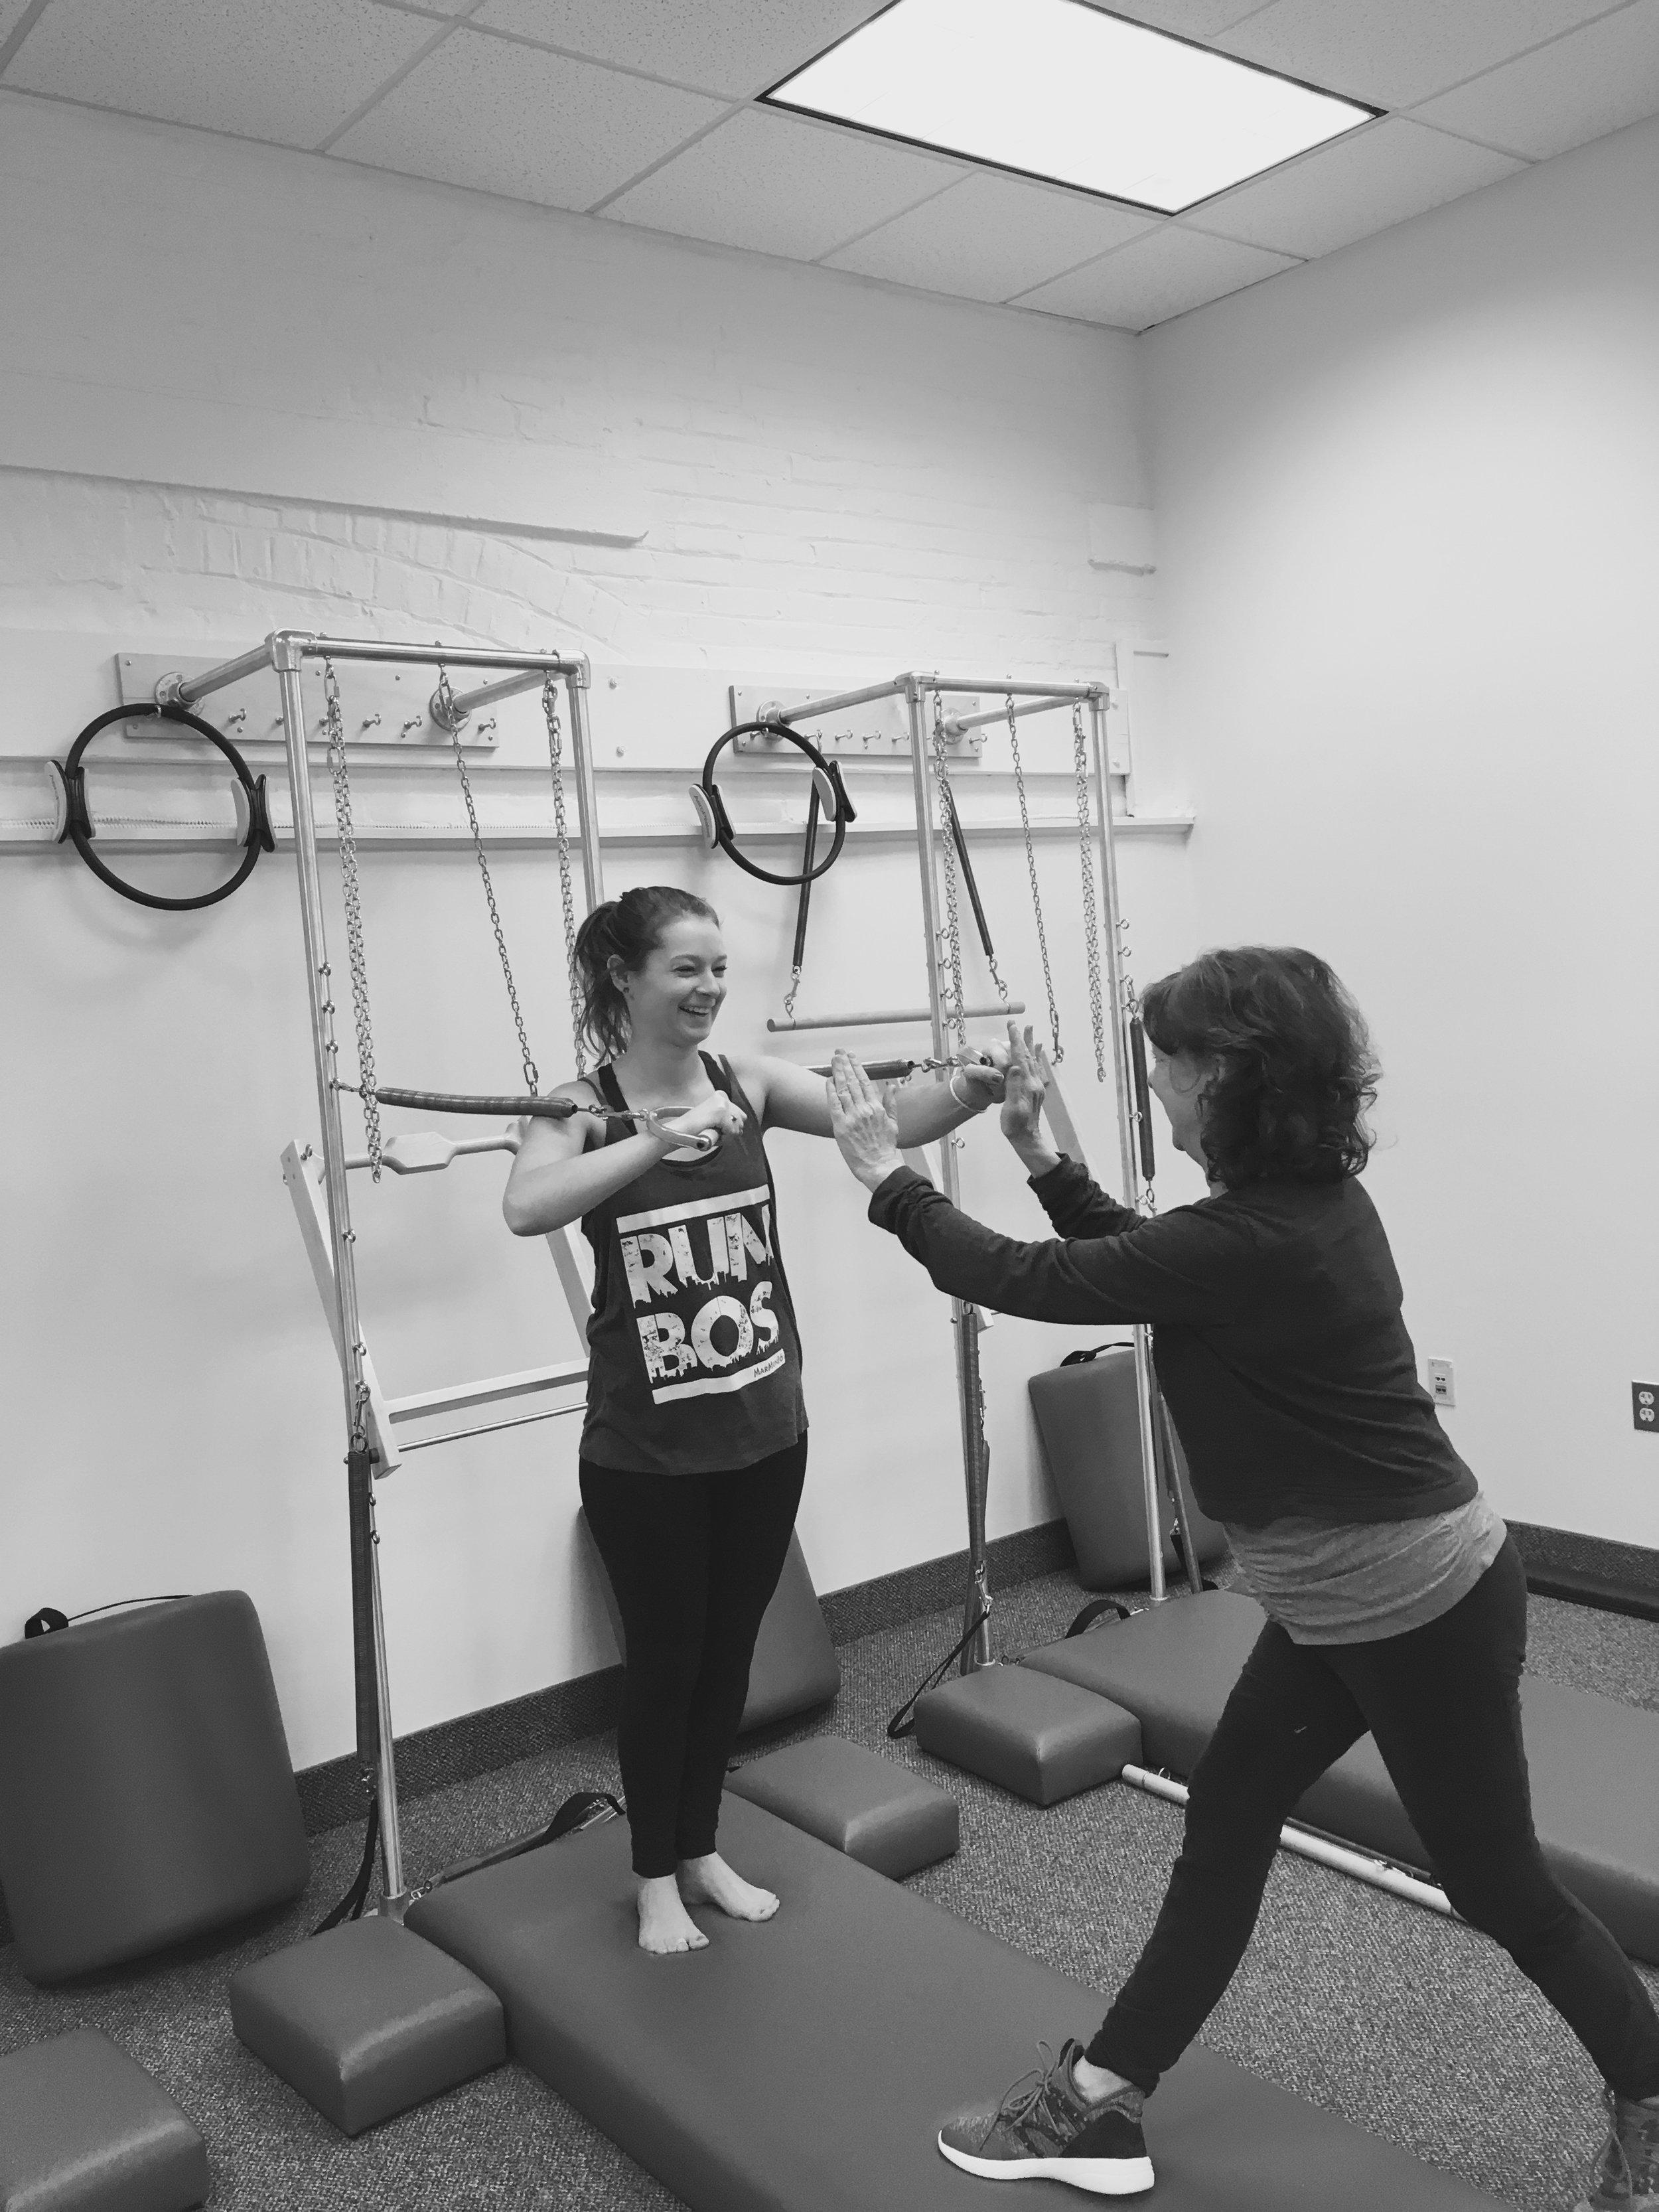 True-Pilates-Boston-Private-Session.jpg